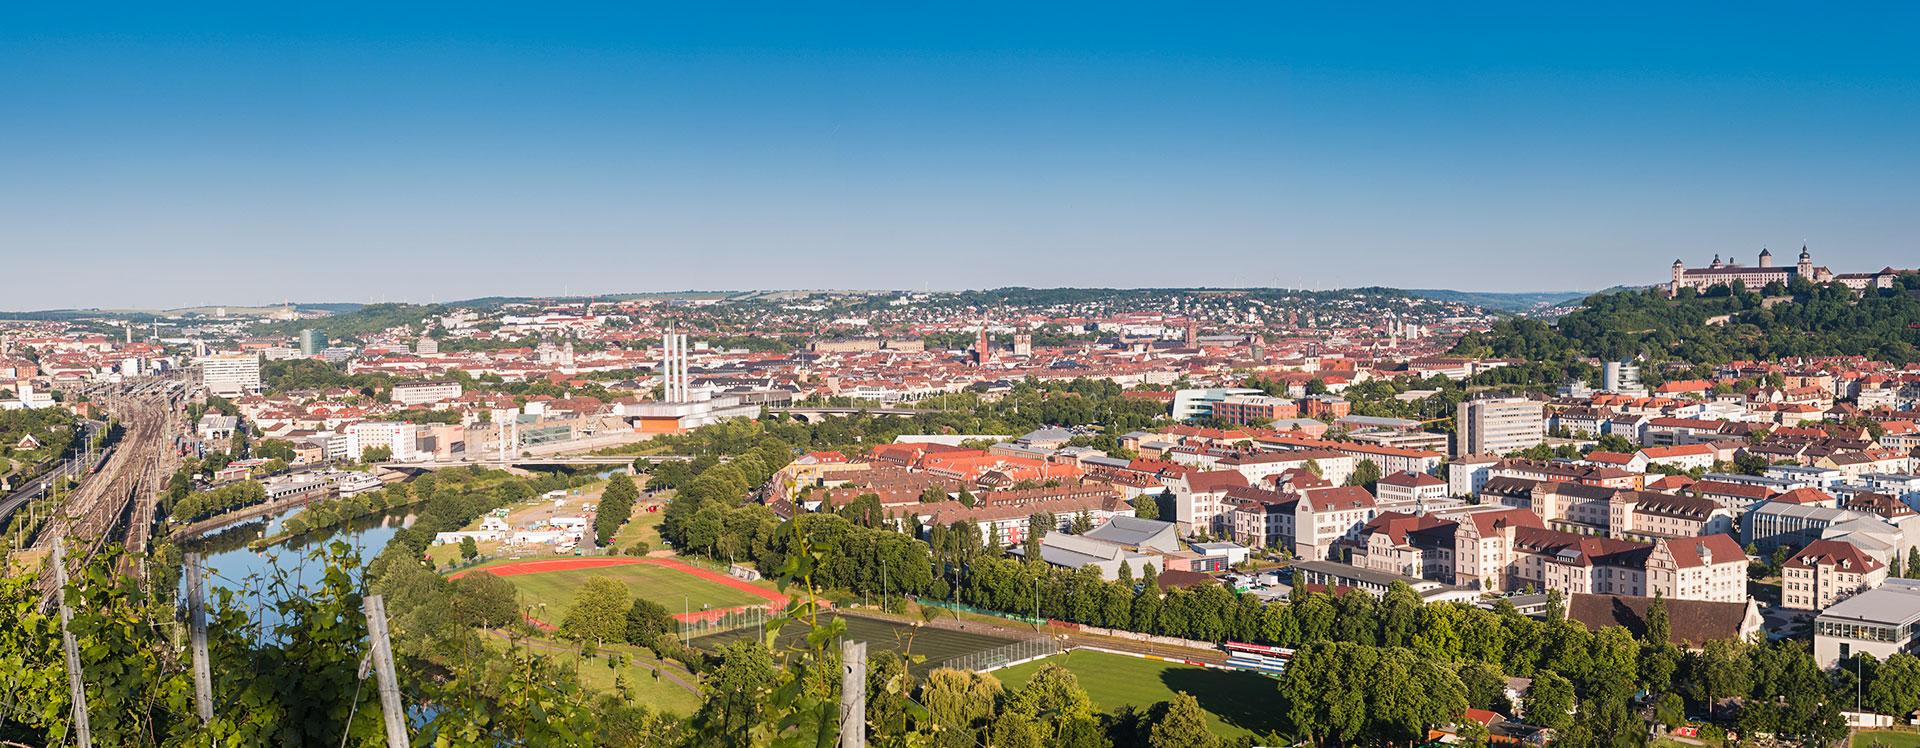 Weinberge Würzburg